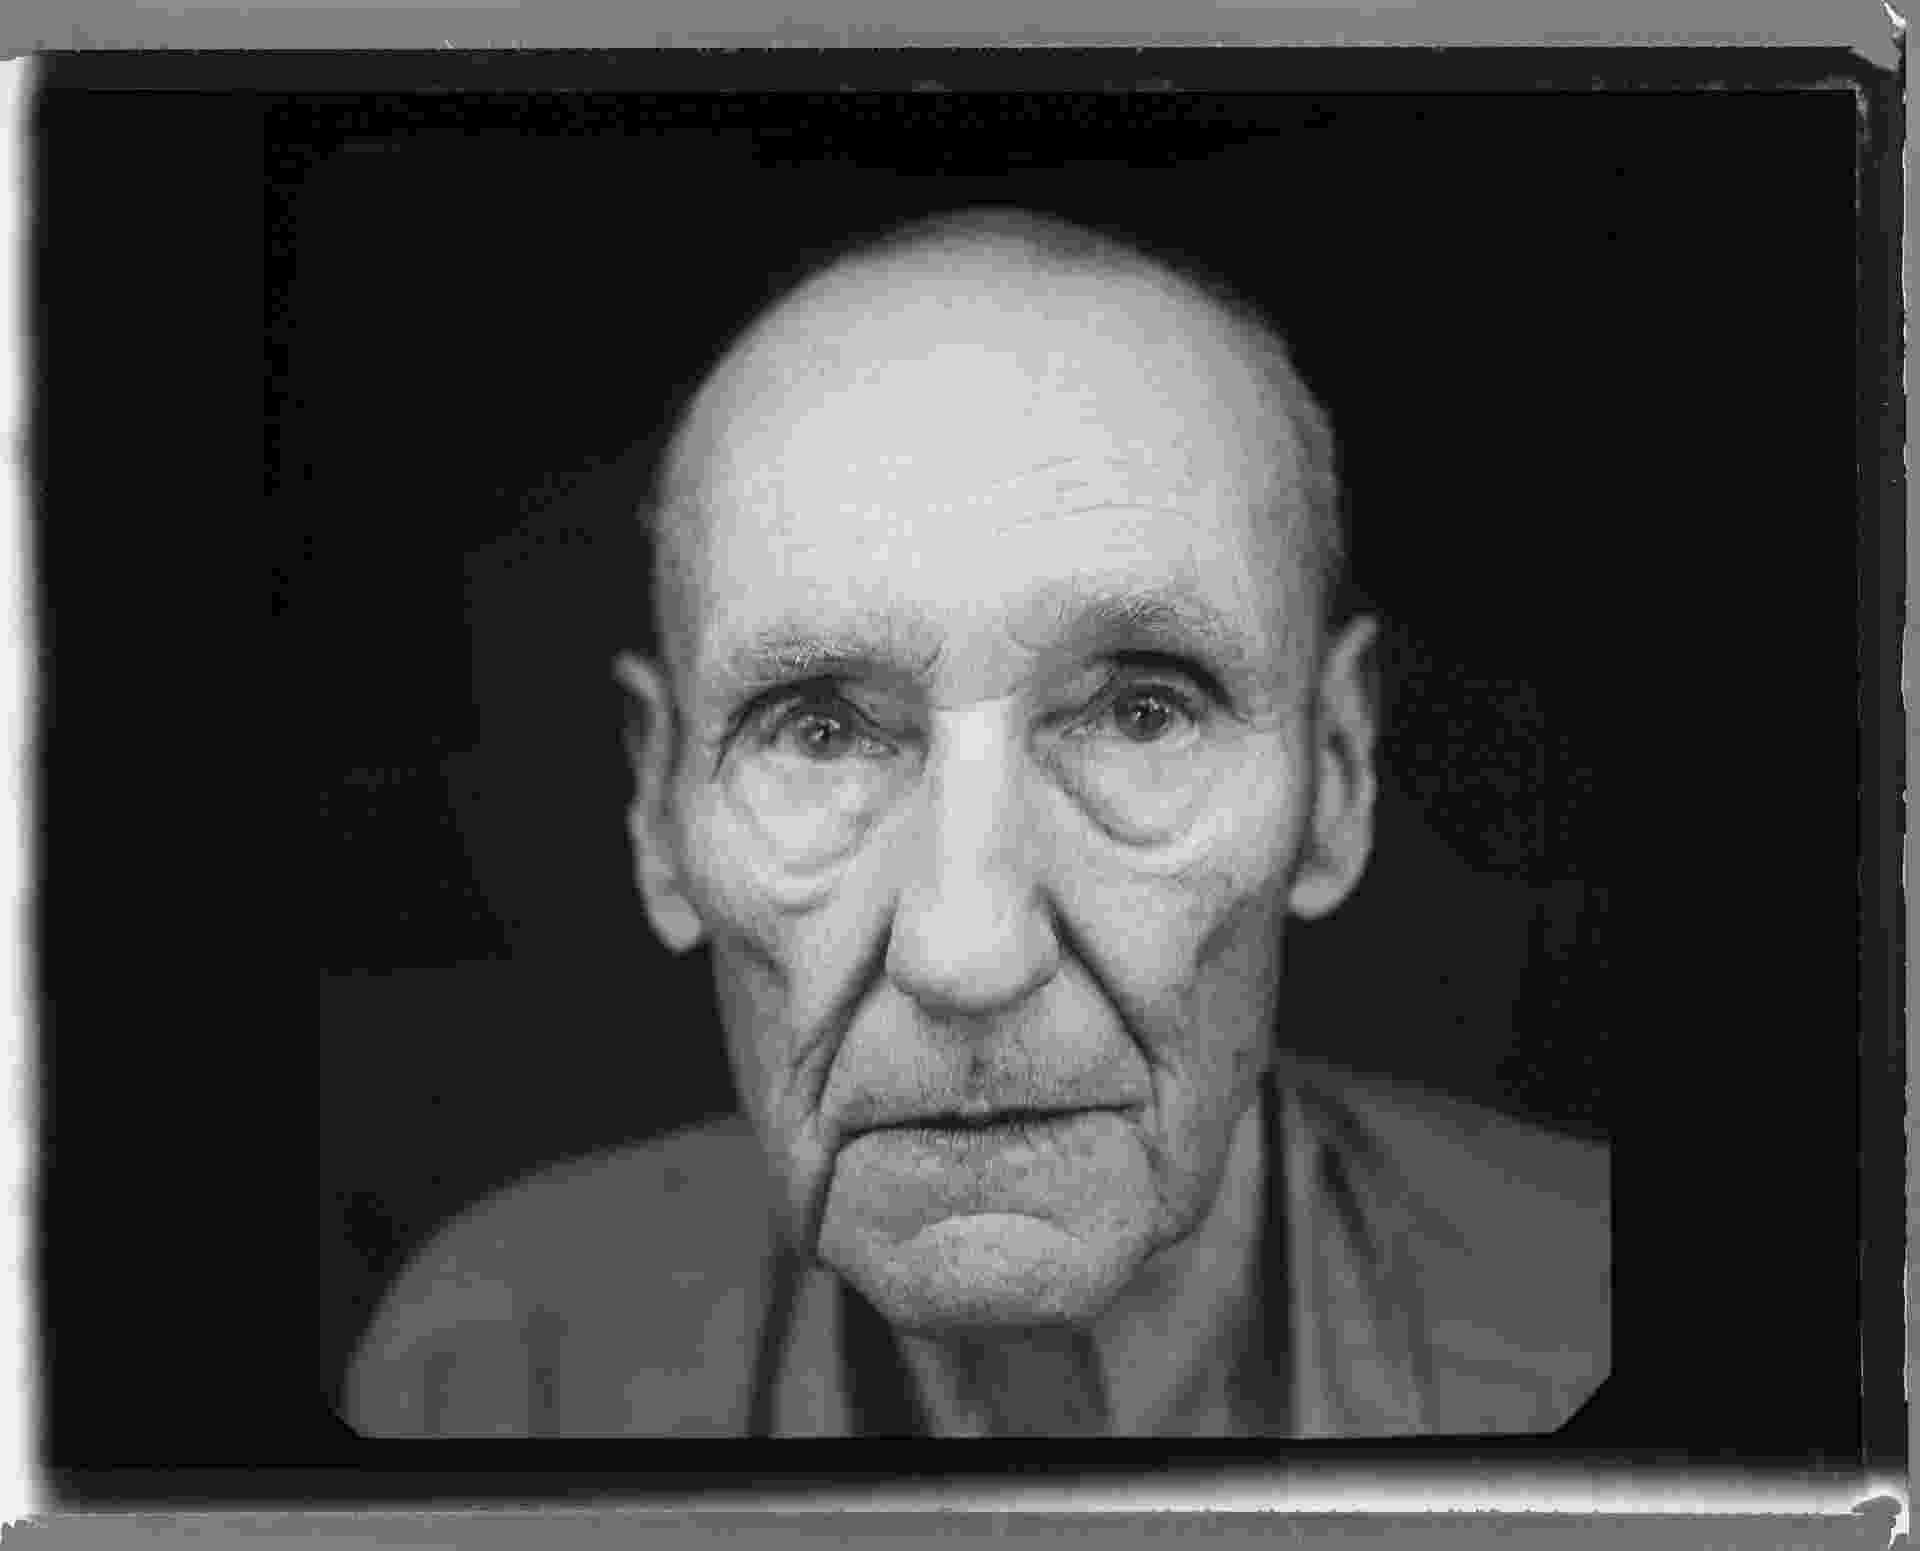 Retrato de William Burroughs feito pela fotógrafa Annie Leibowitz que esteve em exposição na Royal Academy de Londres em 2008 - Divulgação/Royal Academy